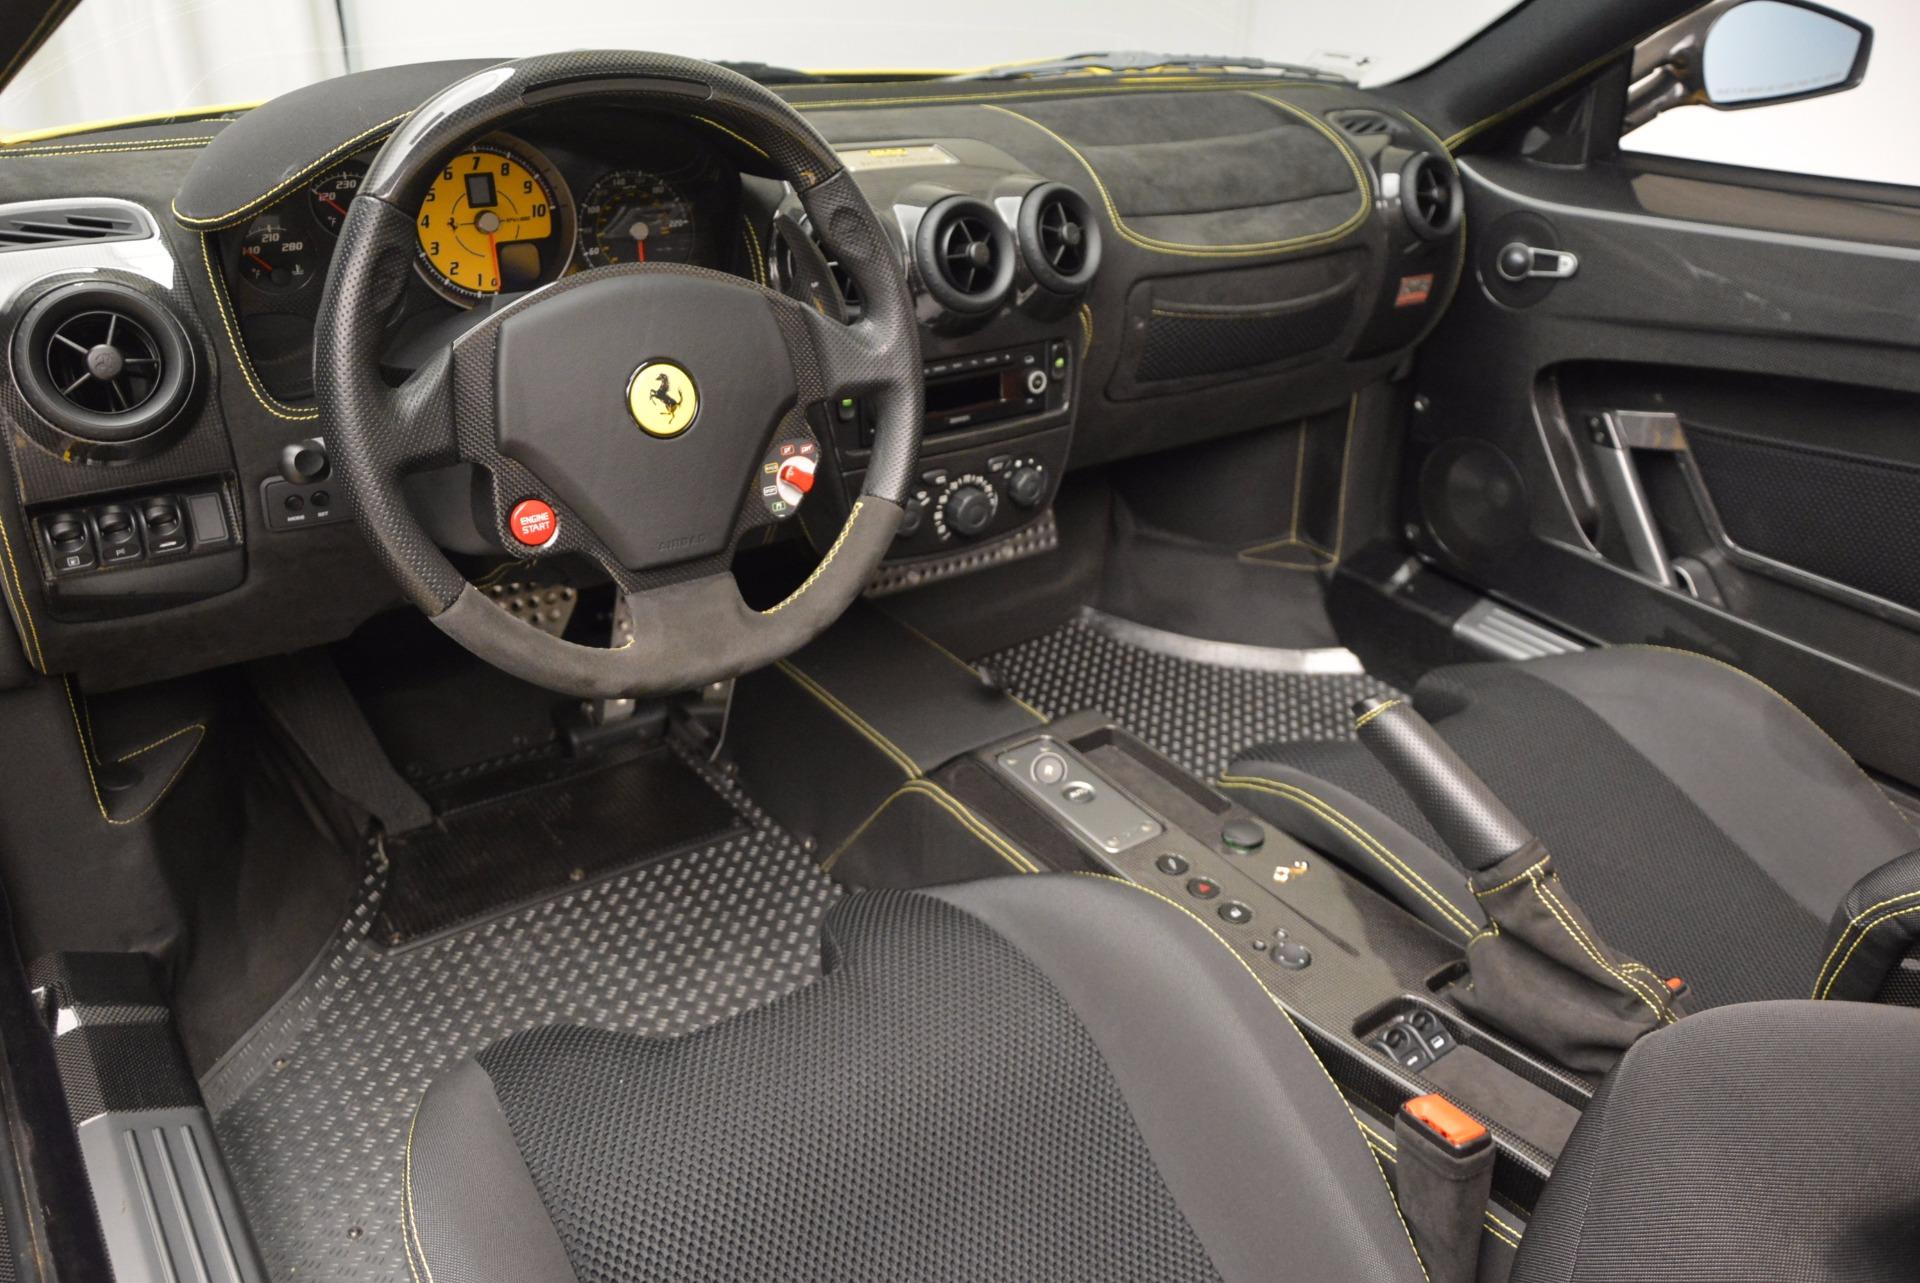 Used 2009 Ferrari F430 Scuderia 16M For Sale In Greenwich, CT. Alfa Romeo of Greenwich, 4369 856_p25